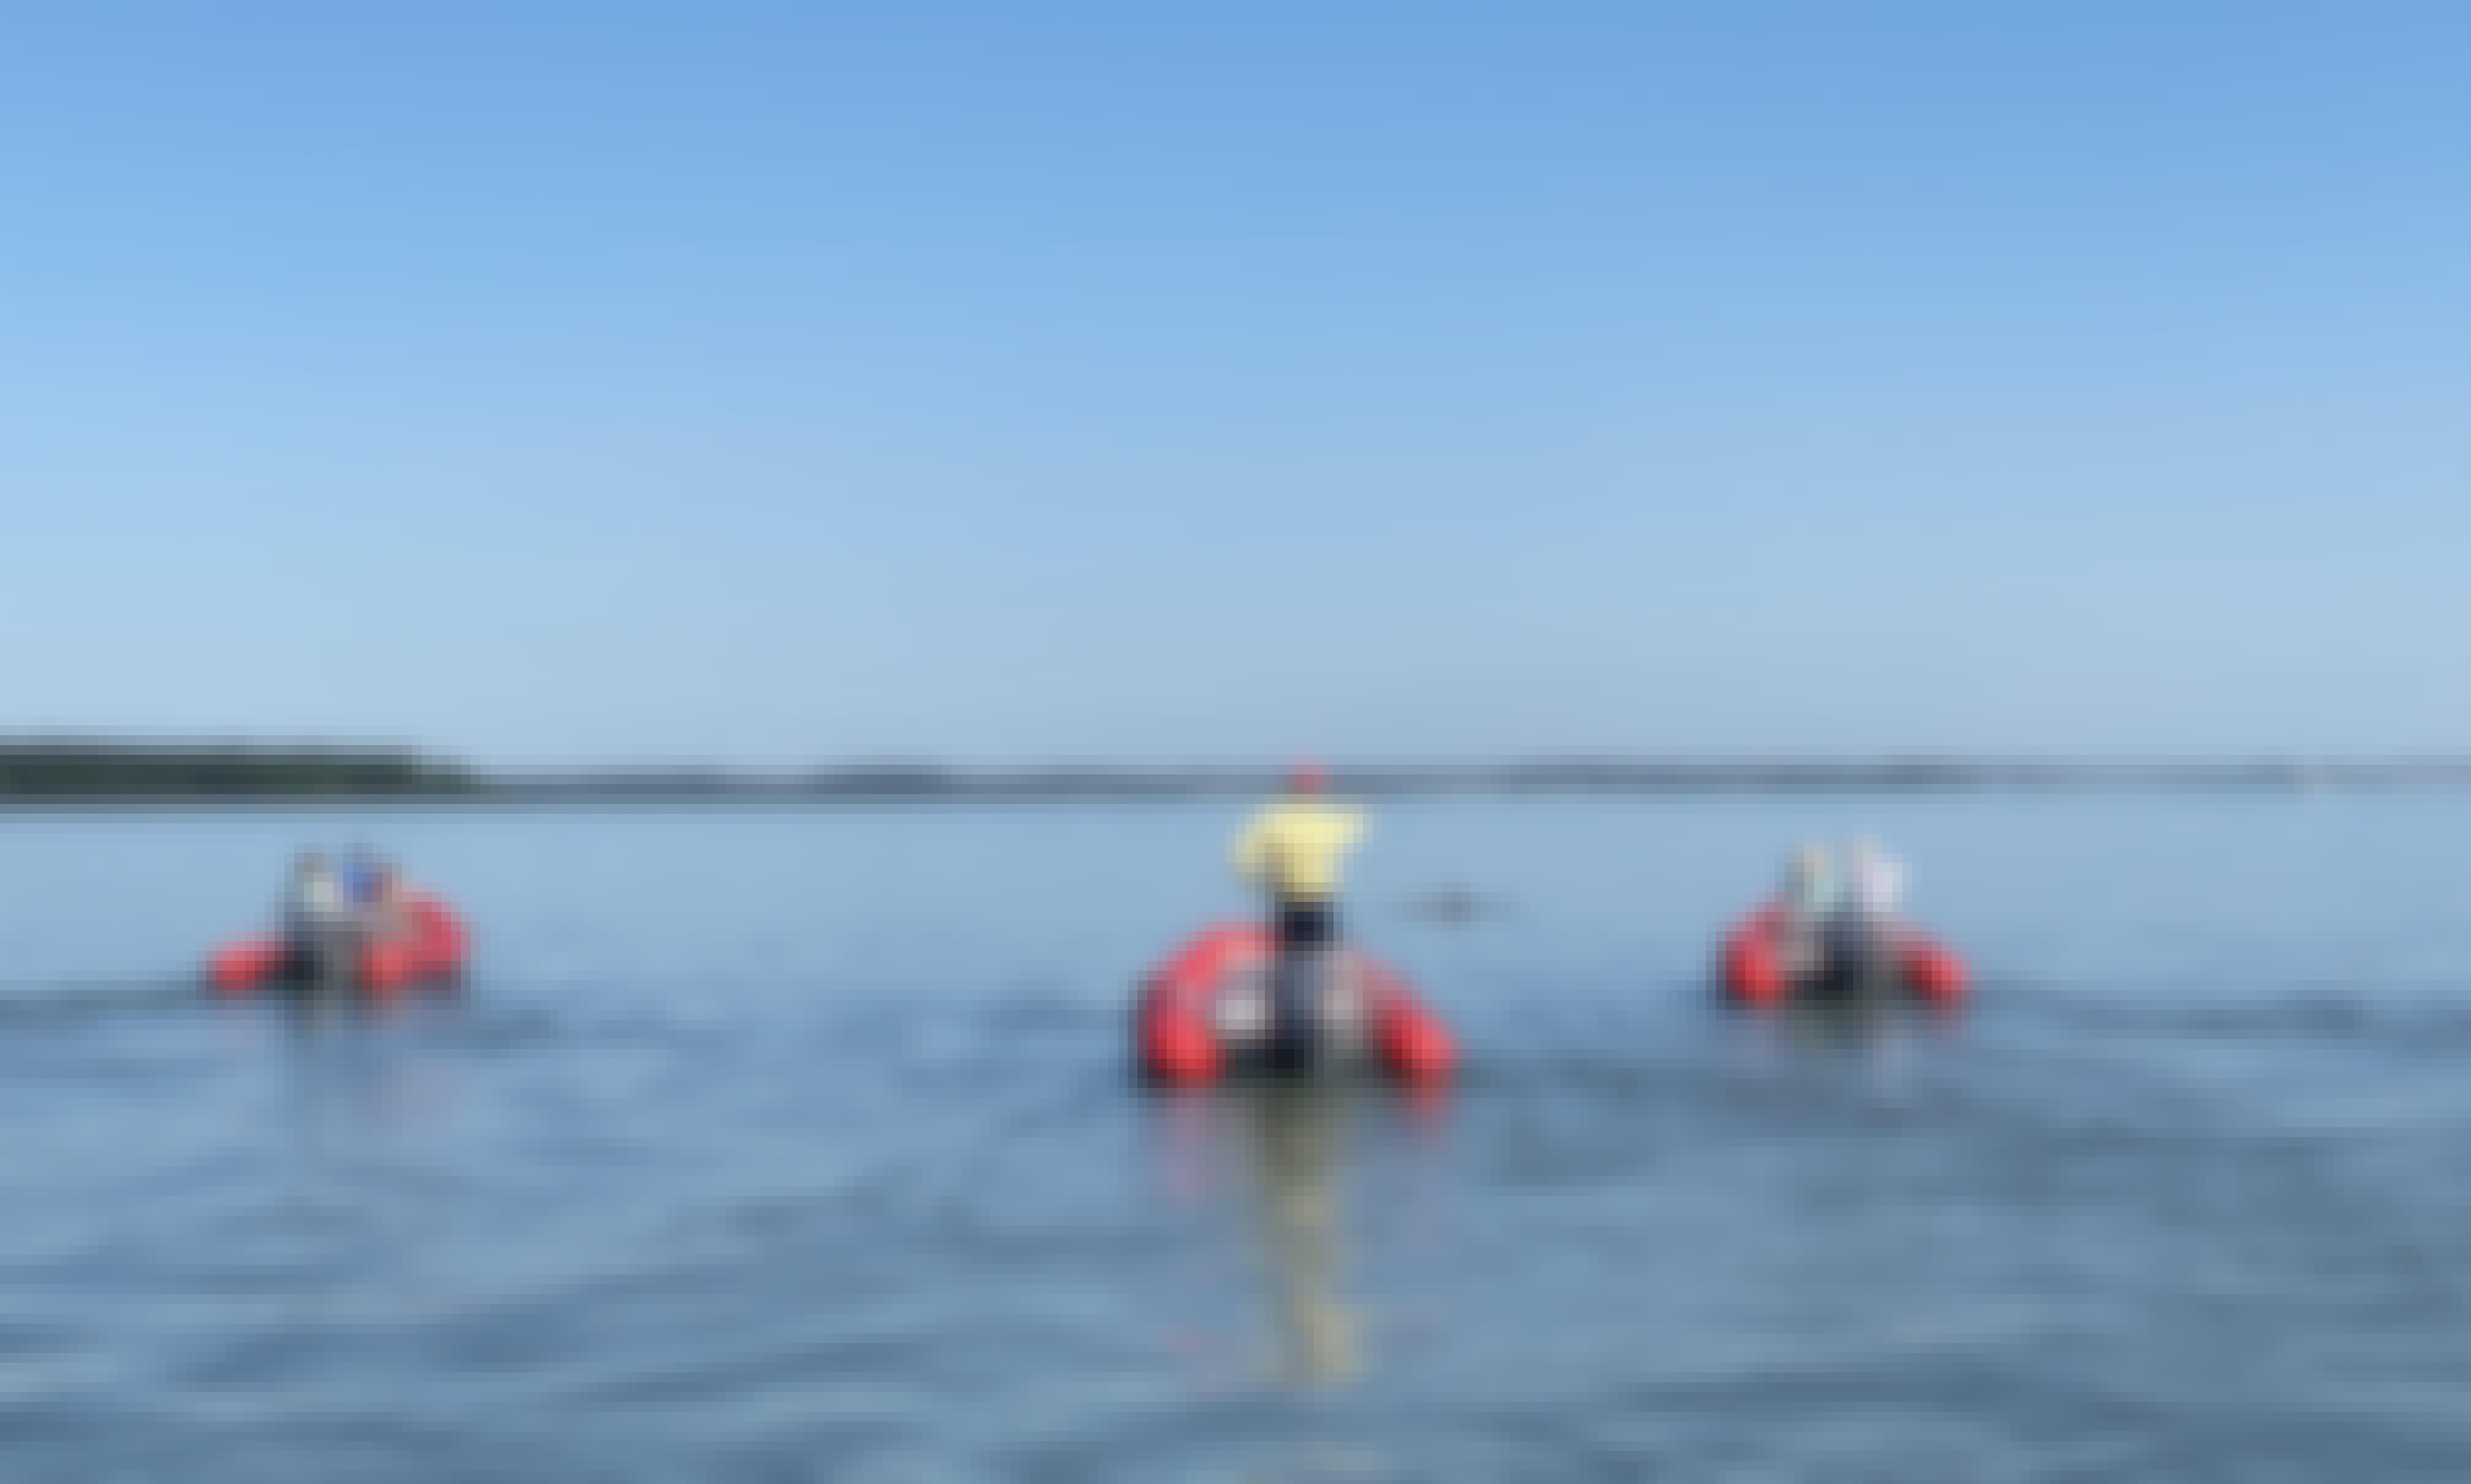 Zodiac Orange Mini Boat Dolphin Tour! Follow the Guide to Scenic Locations!